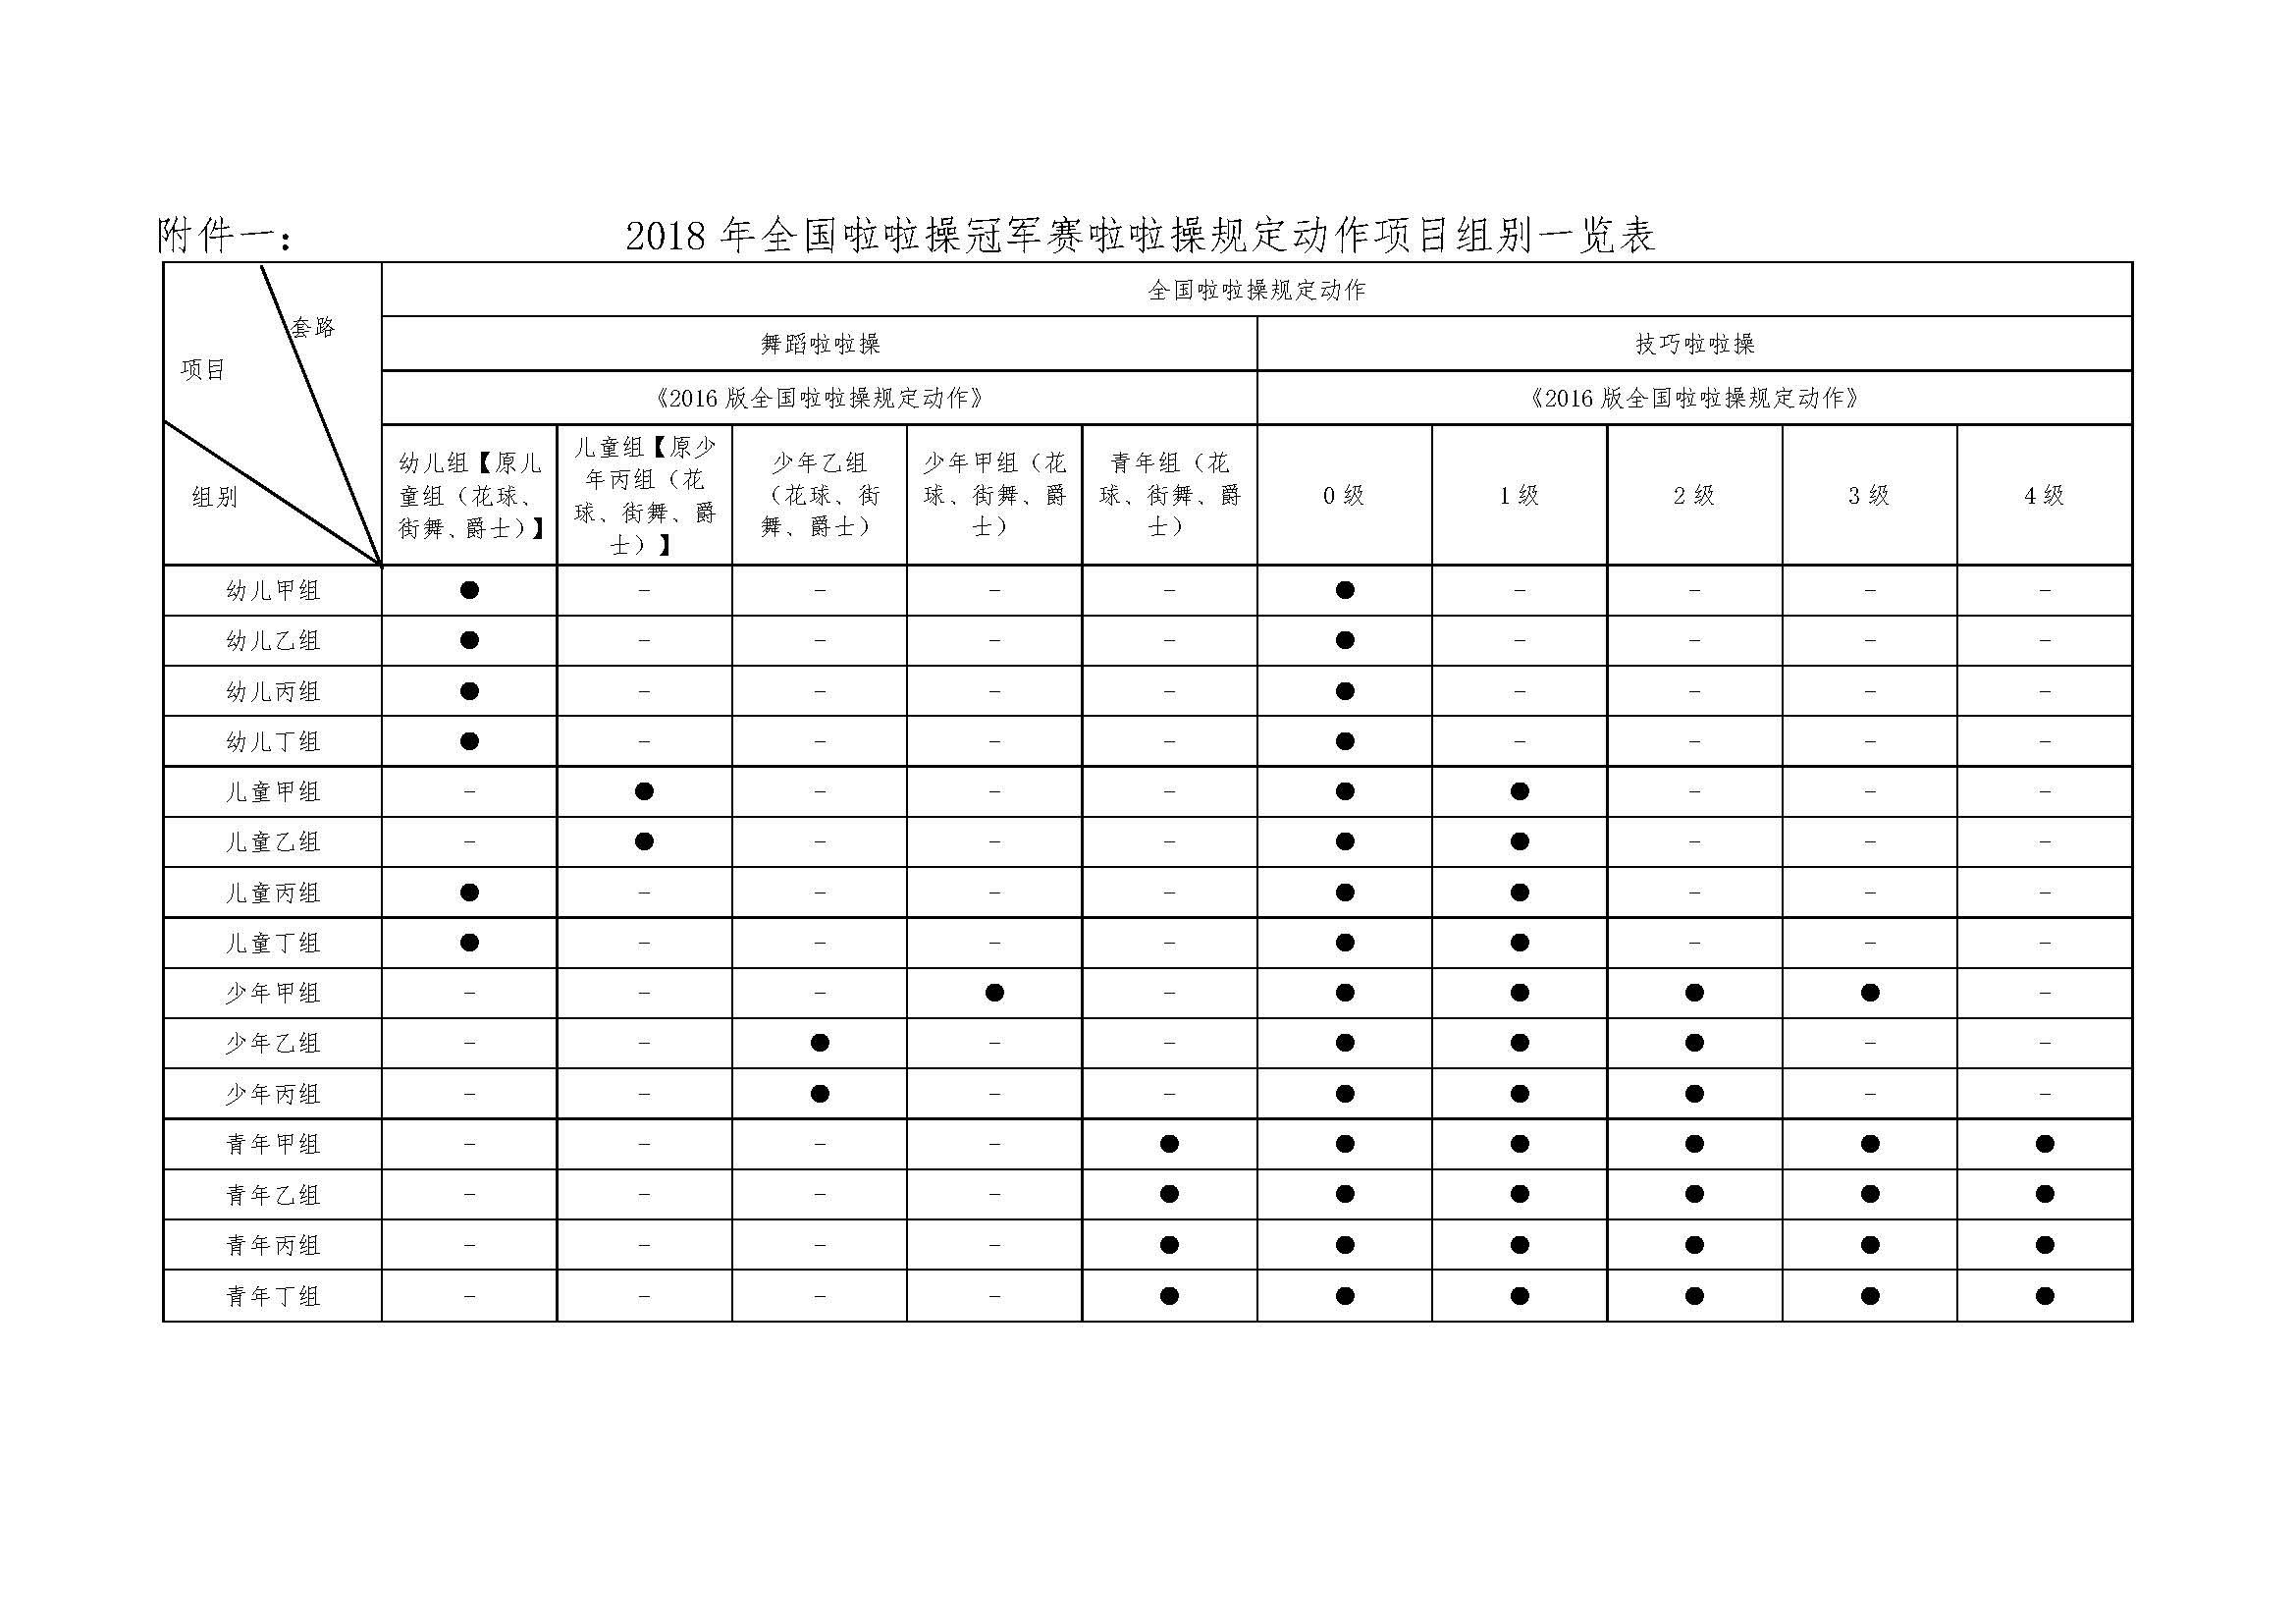 049号-2018年全国啦啦操冠军赛(幼儿组、儿童组和成年组)通知插图(21)